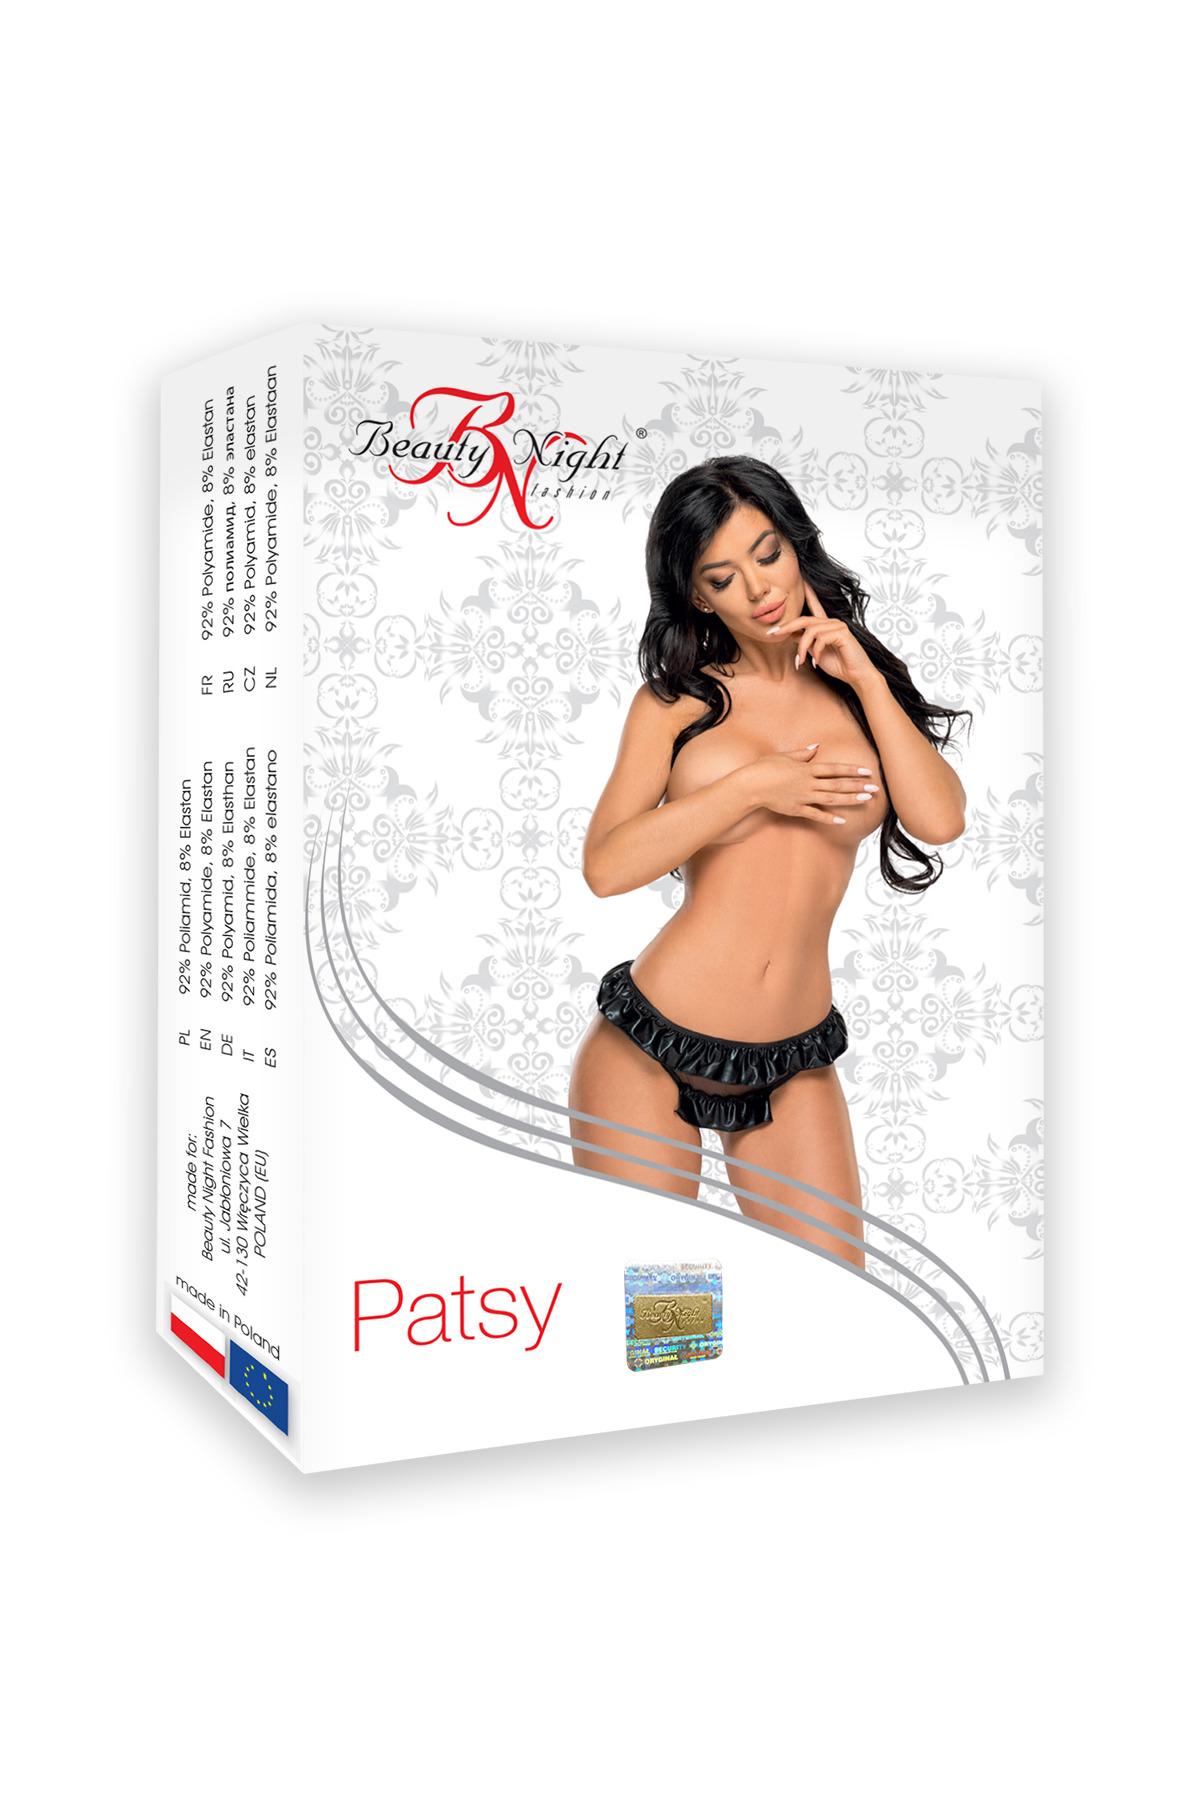 Patsy - Beauty Night